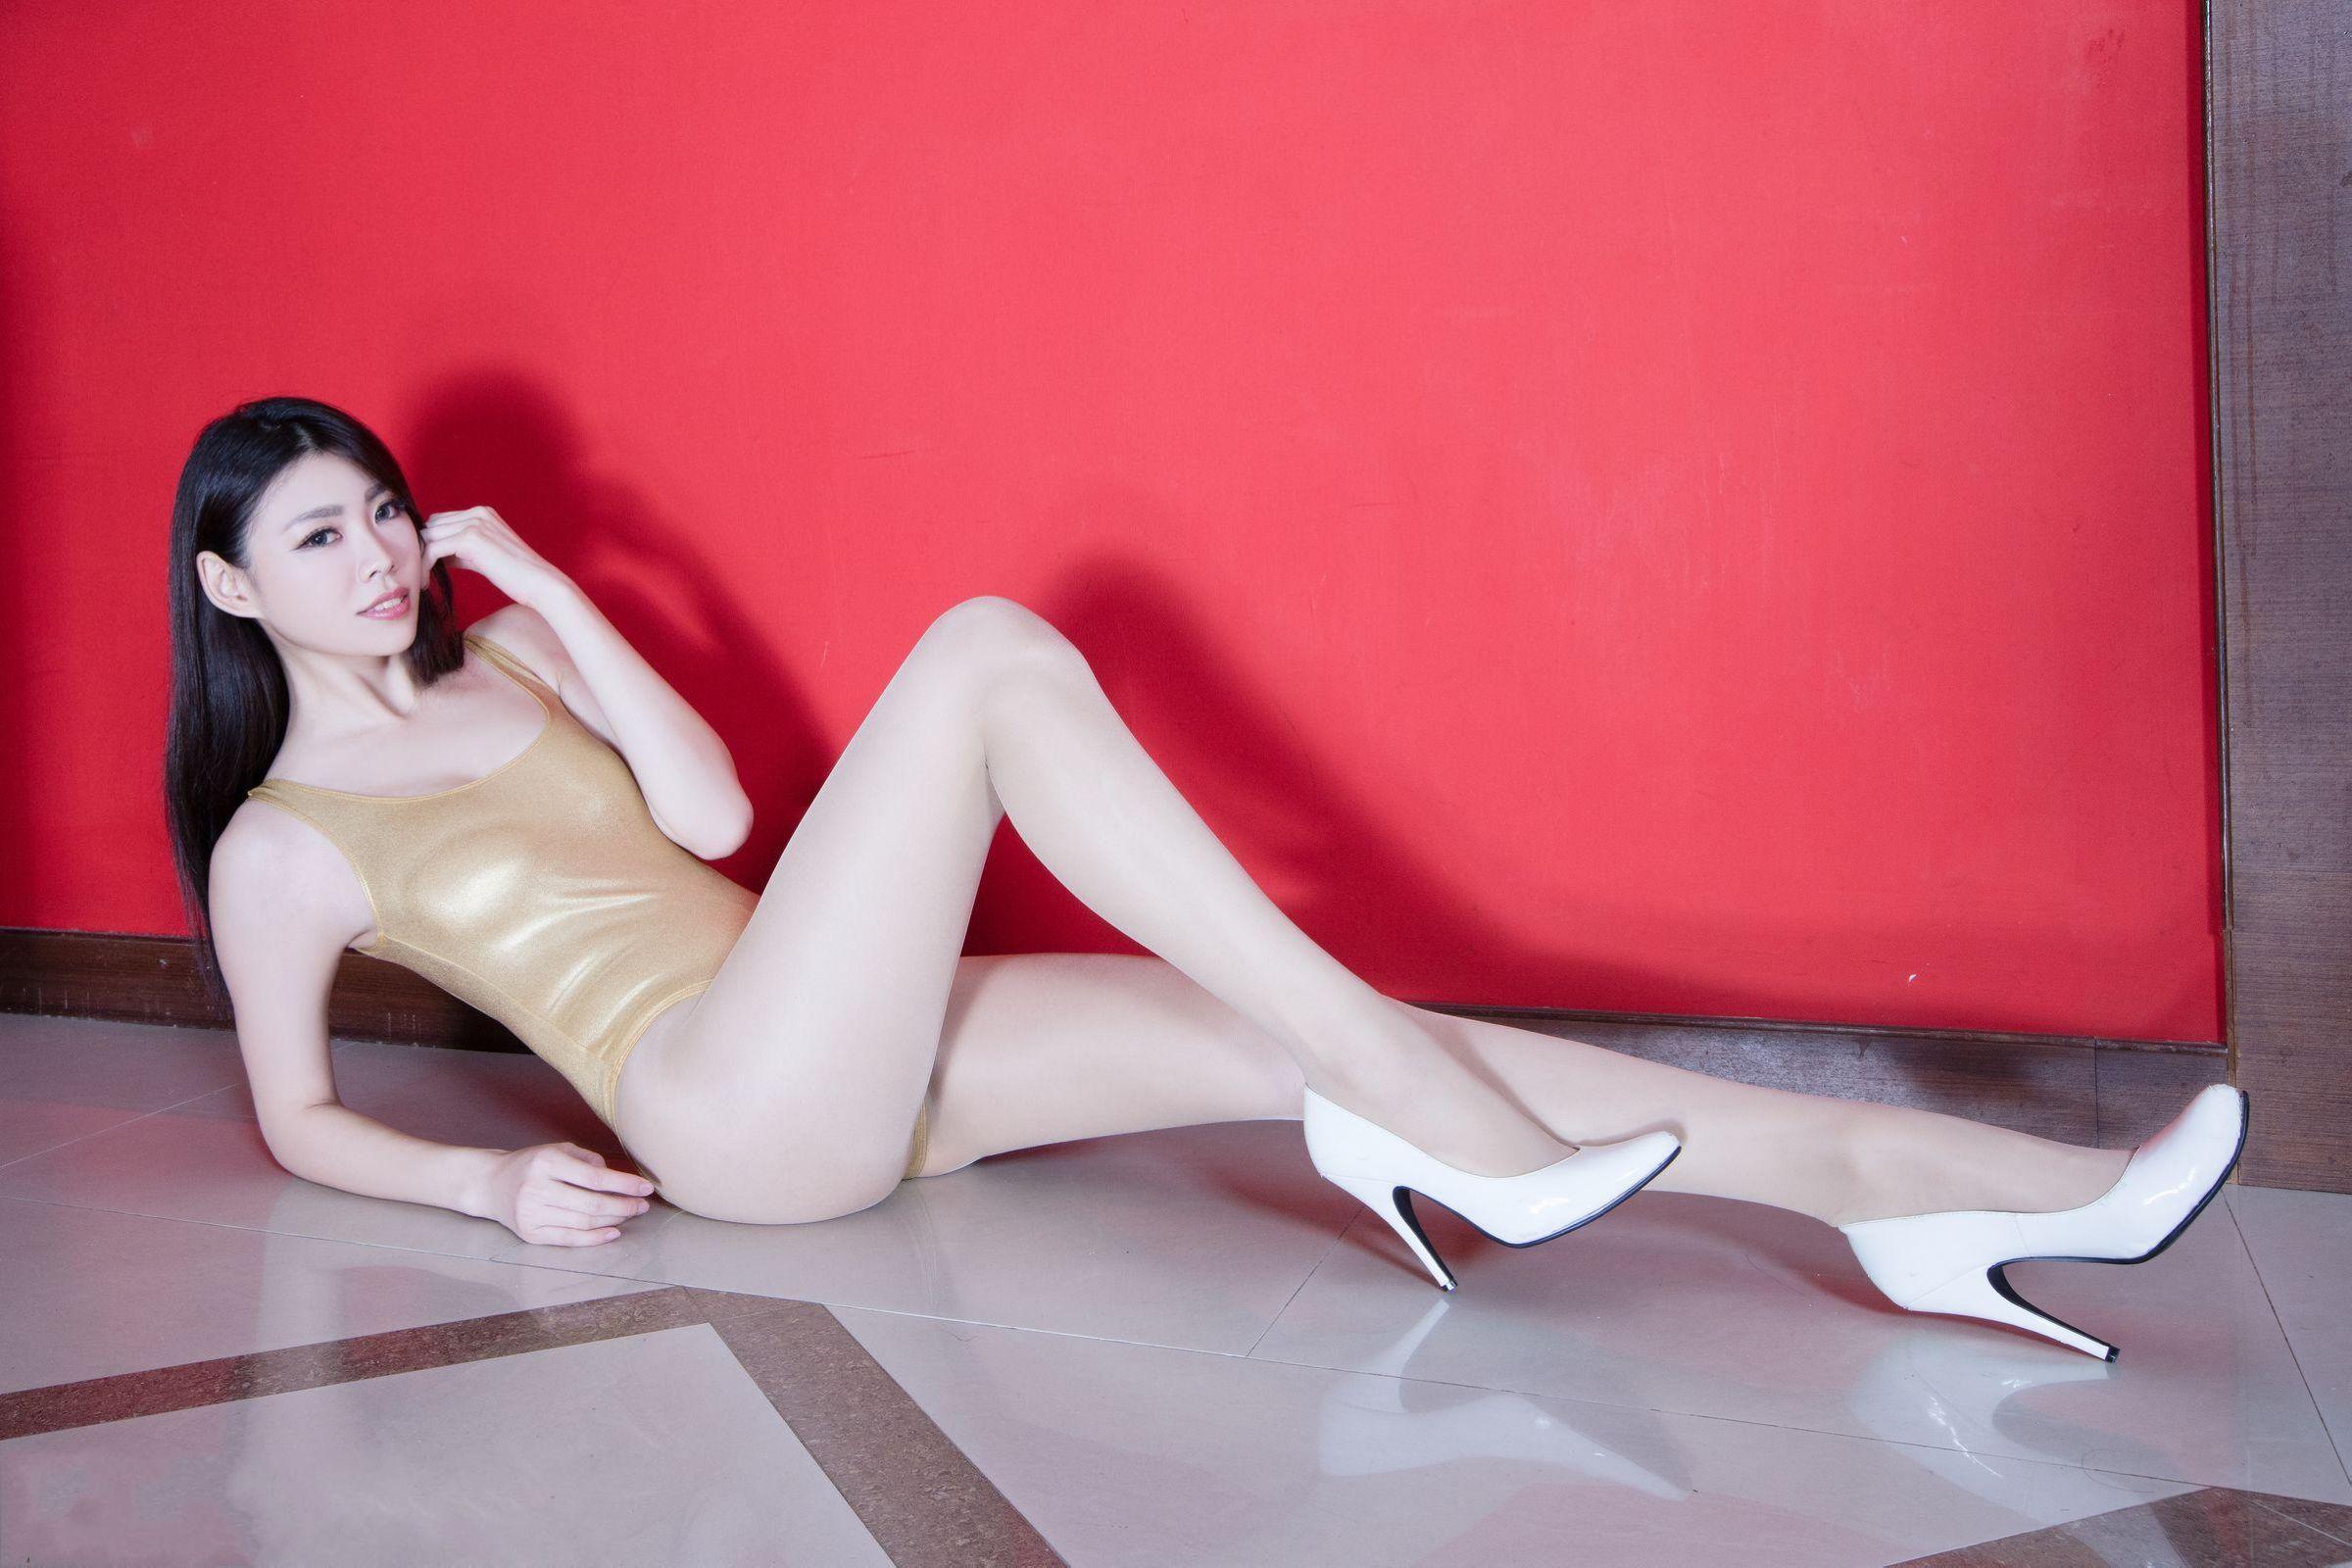 北彩美女美腿秀-Zoey[35P]bhbkM